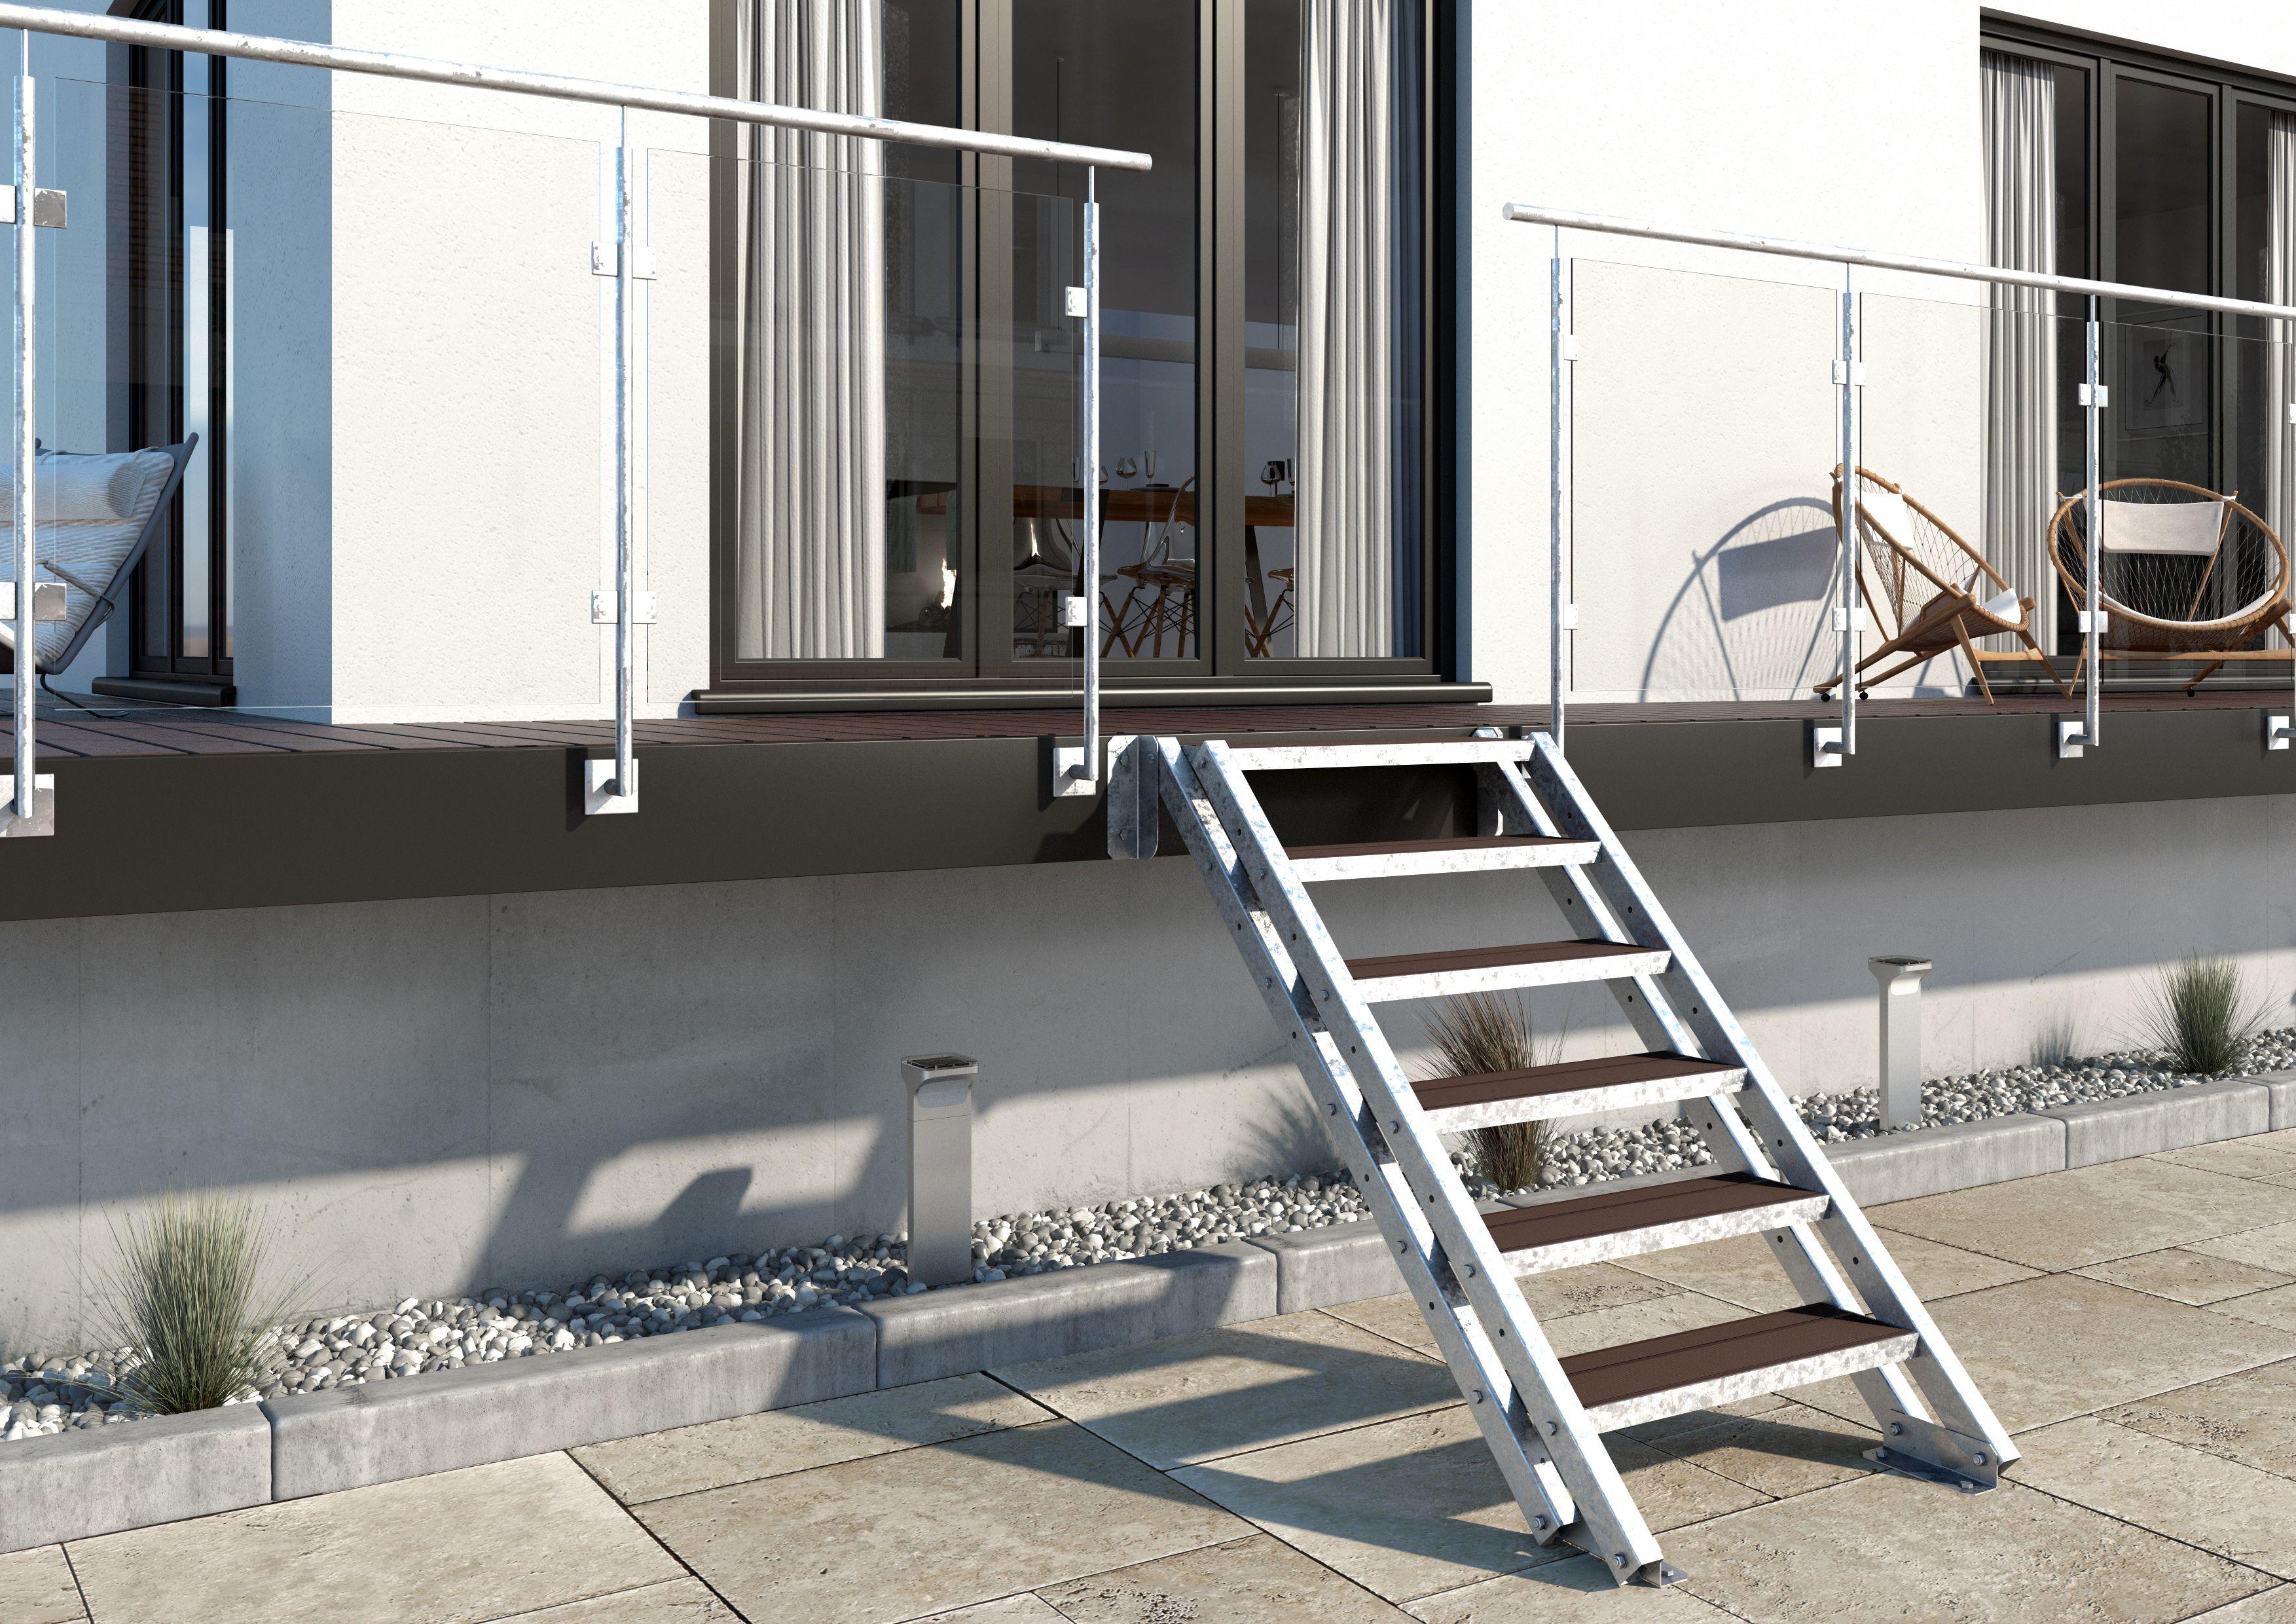 Treppen Ohne Geländer außentreppe york 6 stufen ohne geländer stufenbreite